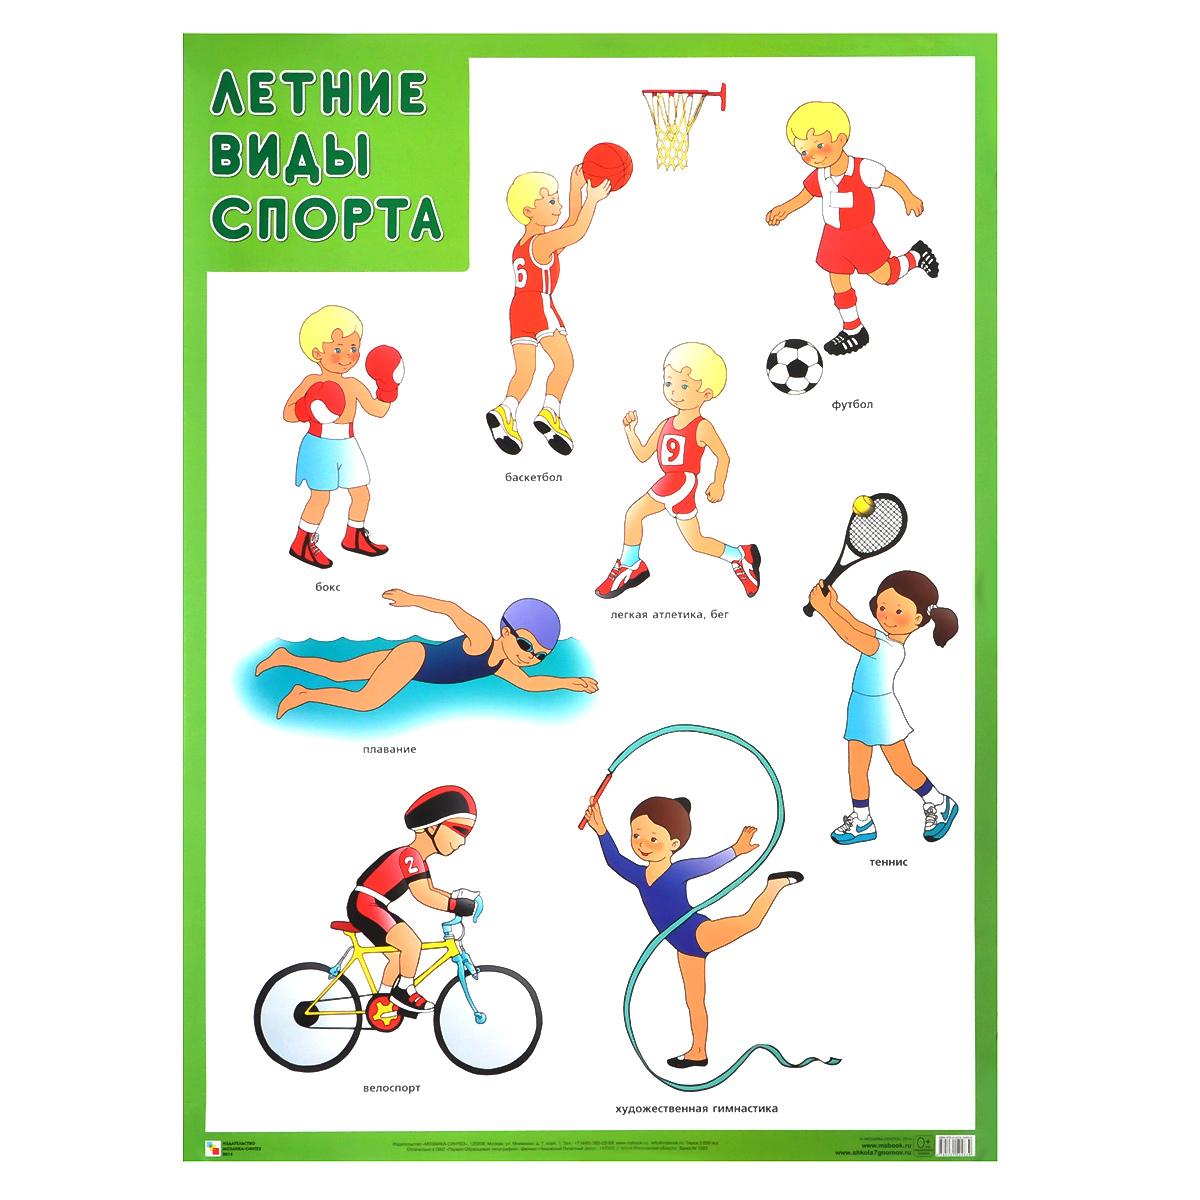 Название спортов рисунками